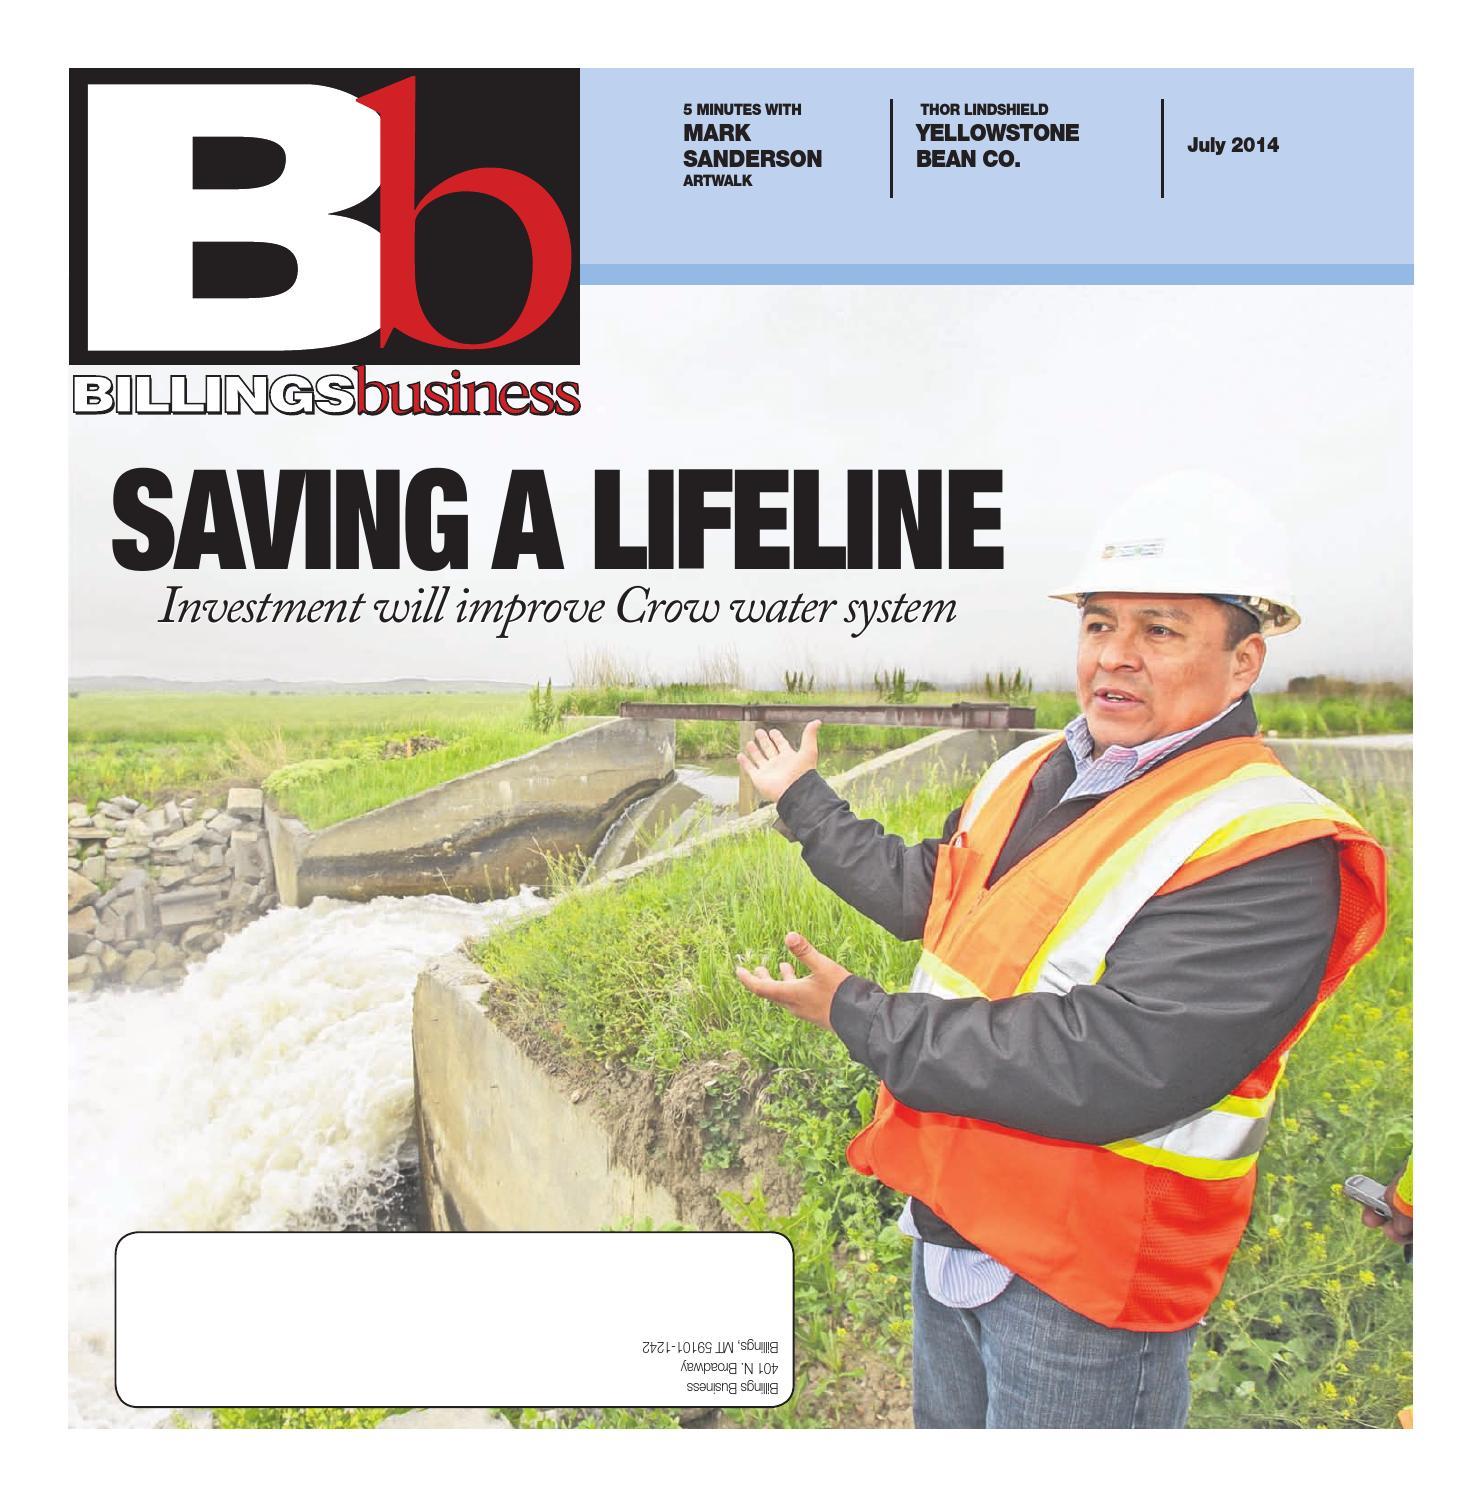 Billings Business July 2014 by Billings Gazette issuu